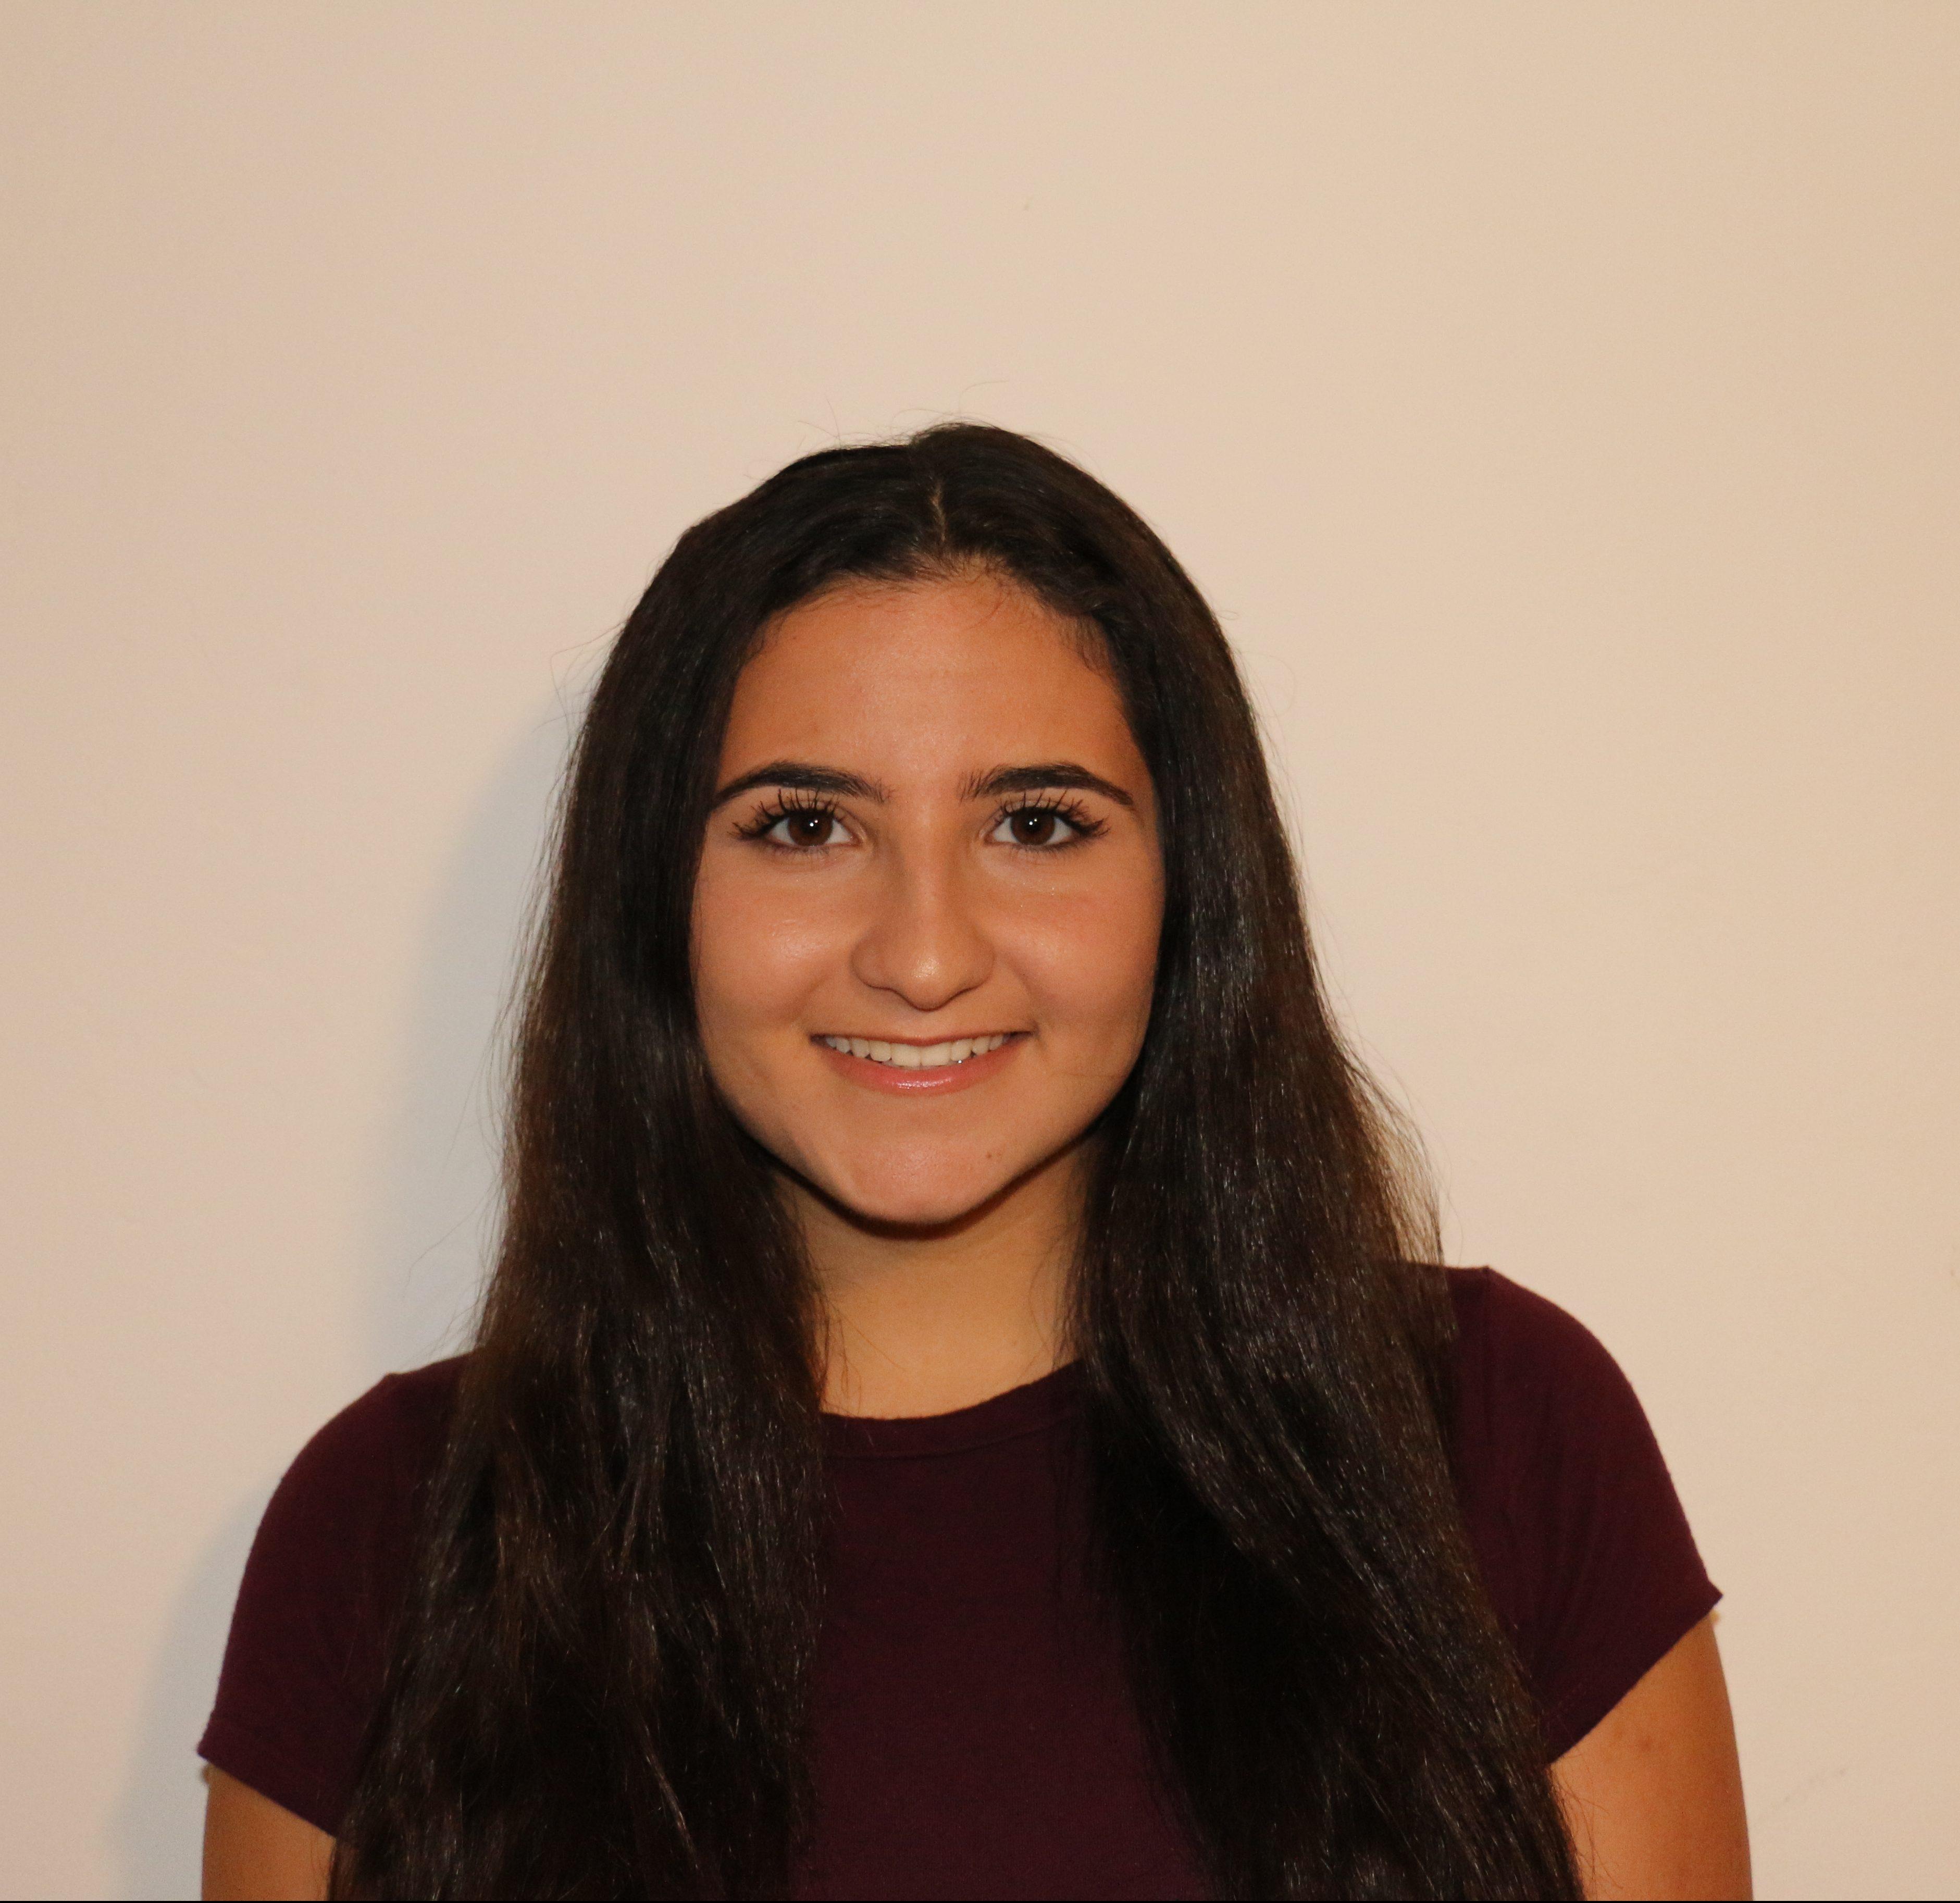 Photo of Nikki Jafarzadeh